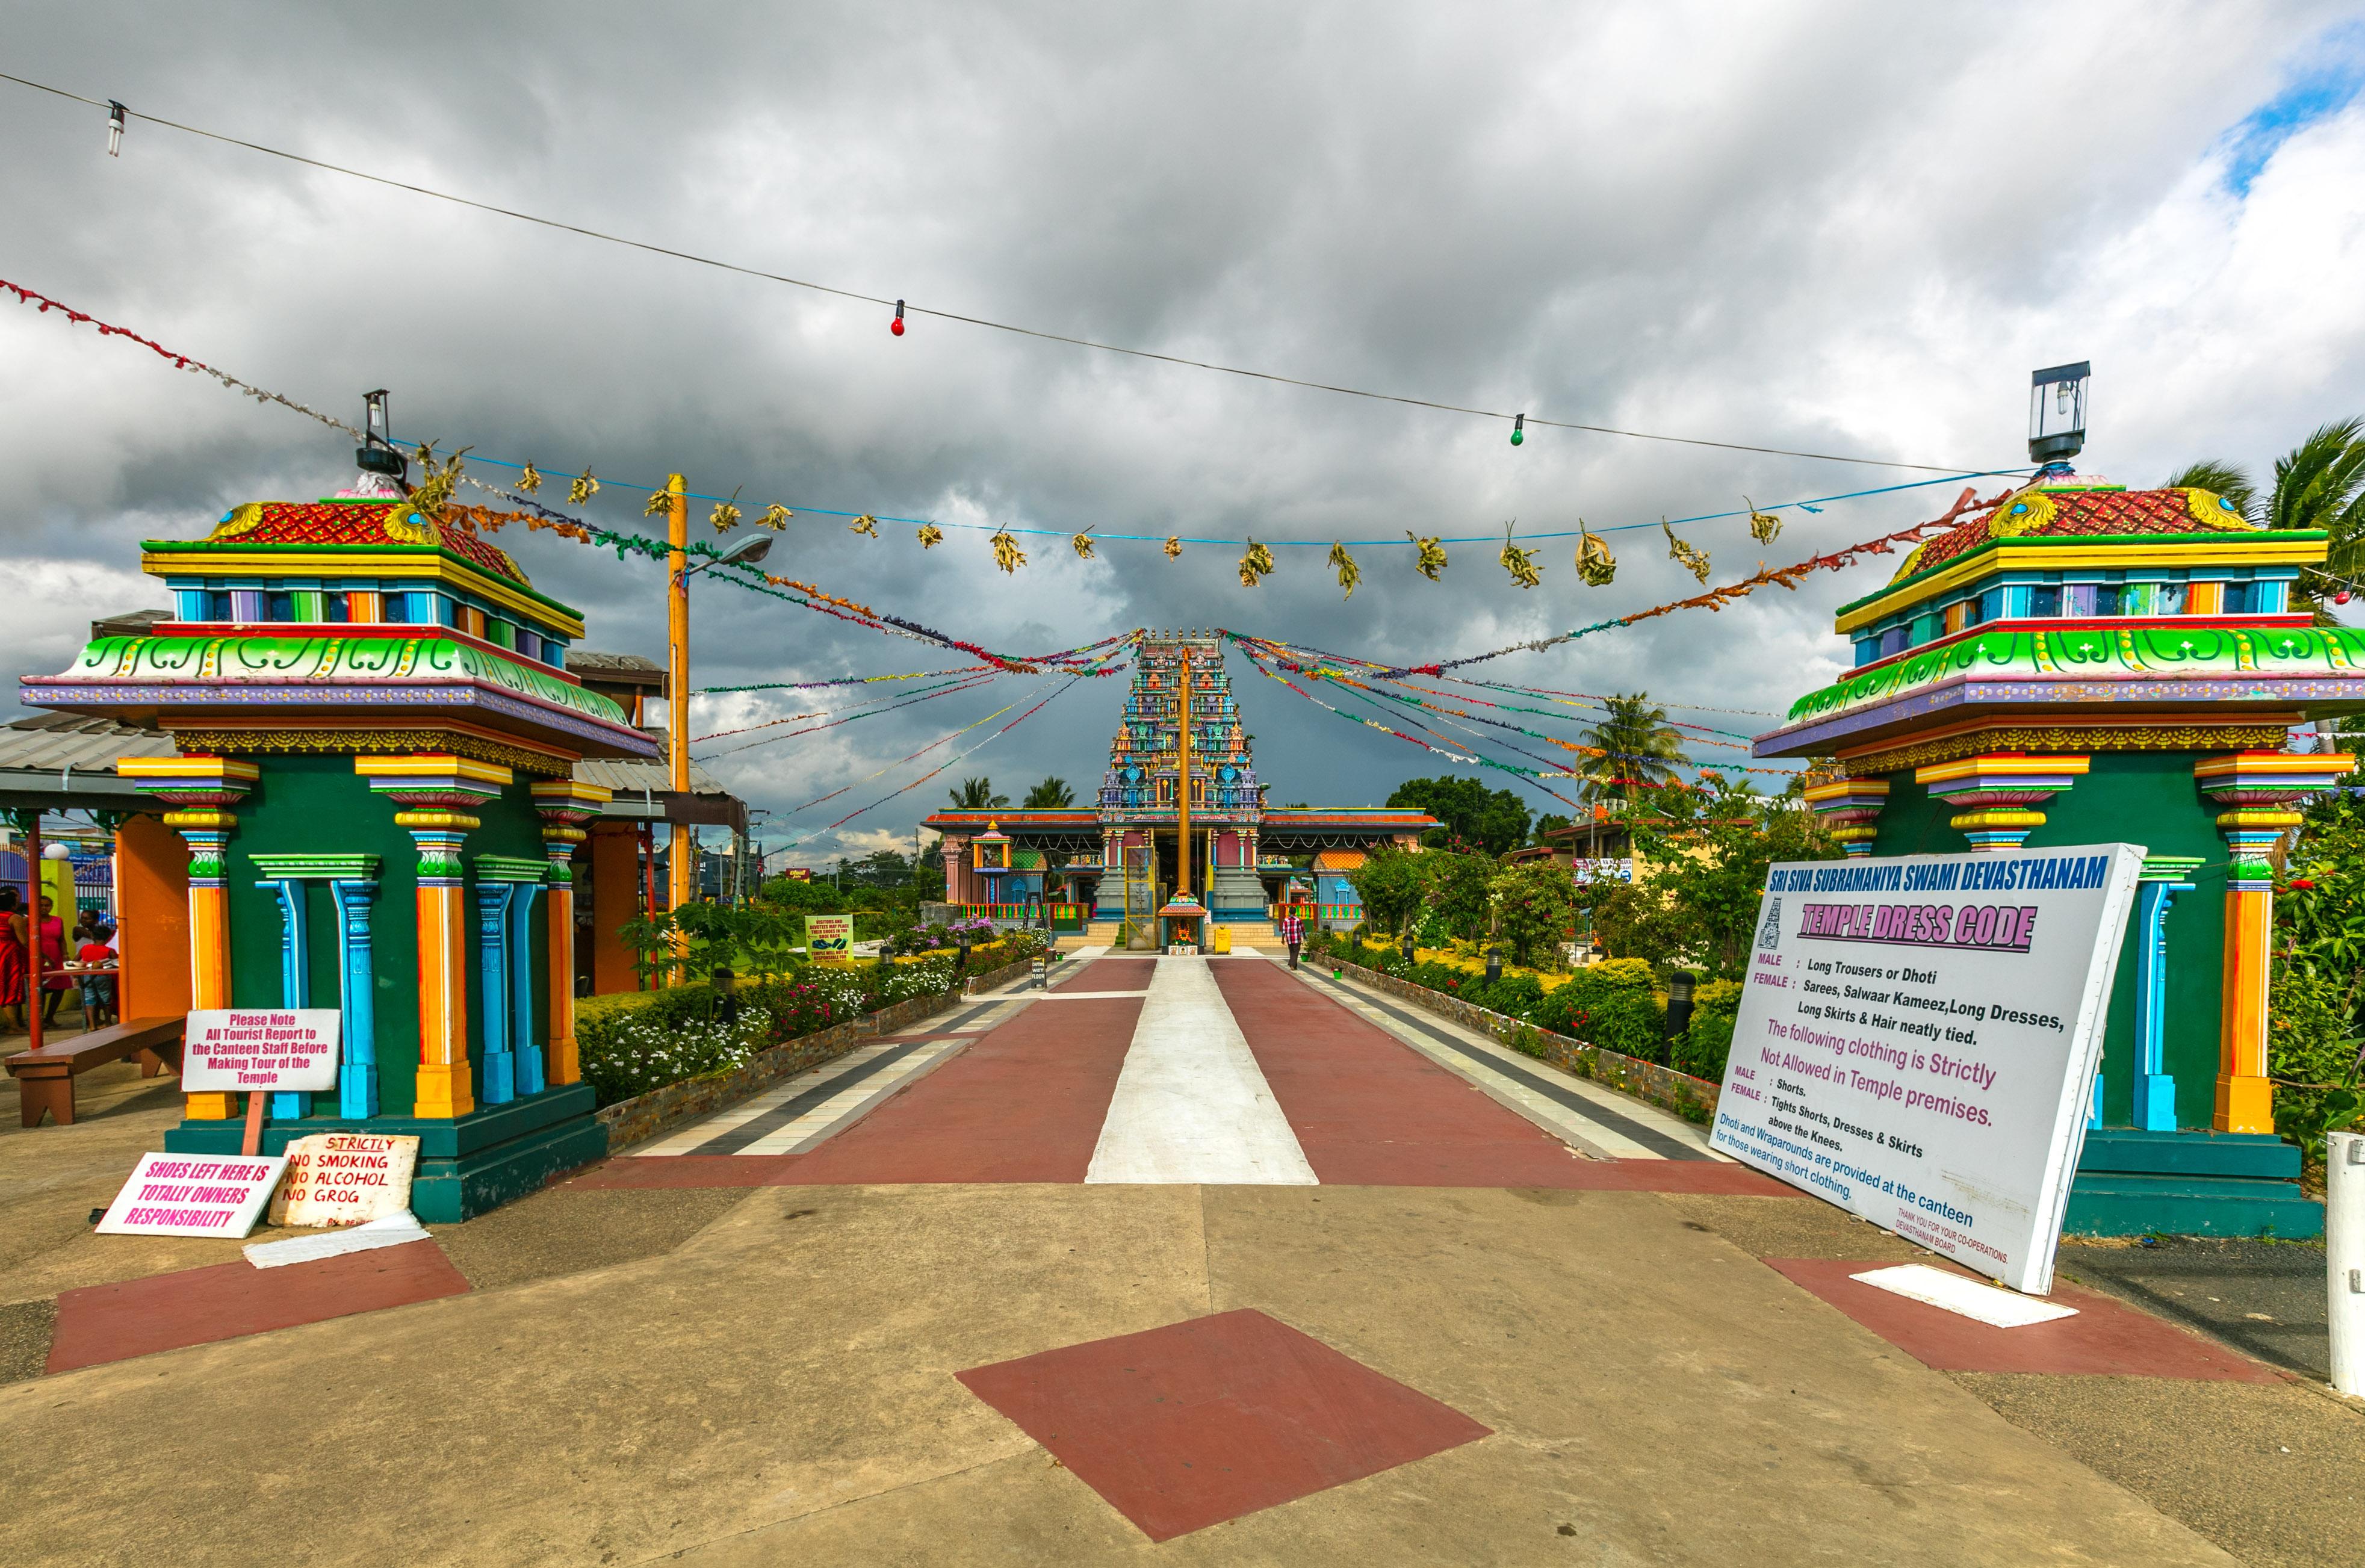 沙巴馬尼亞濕婆廟  Sri Siva Subramaniya Swami Temple   -3